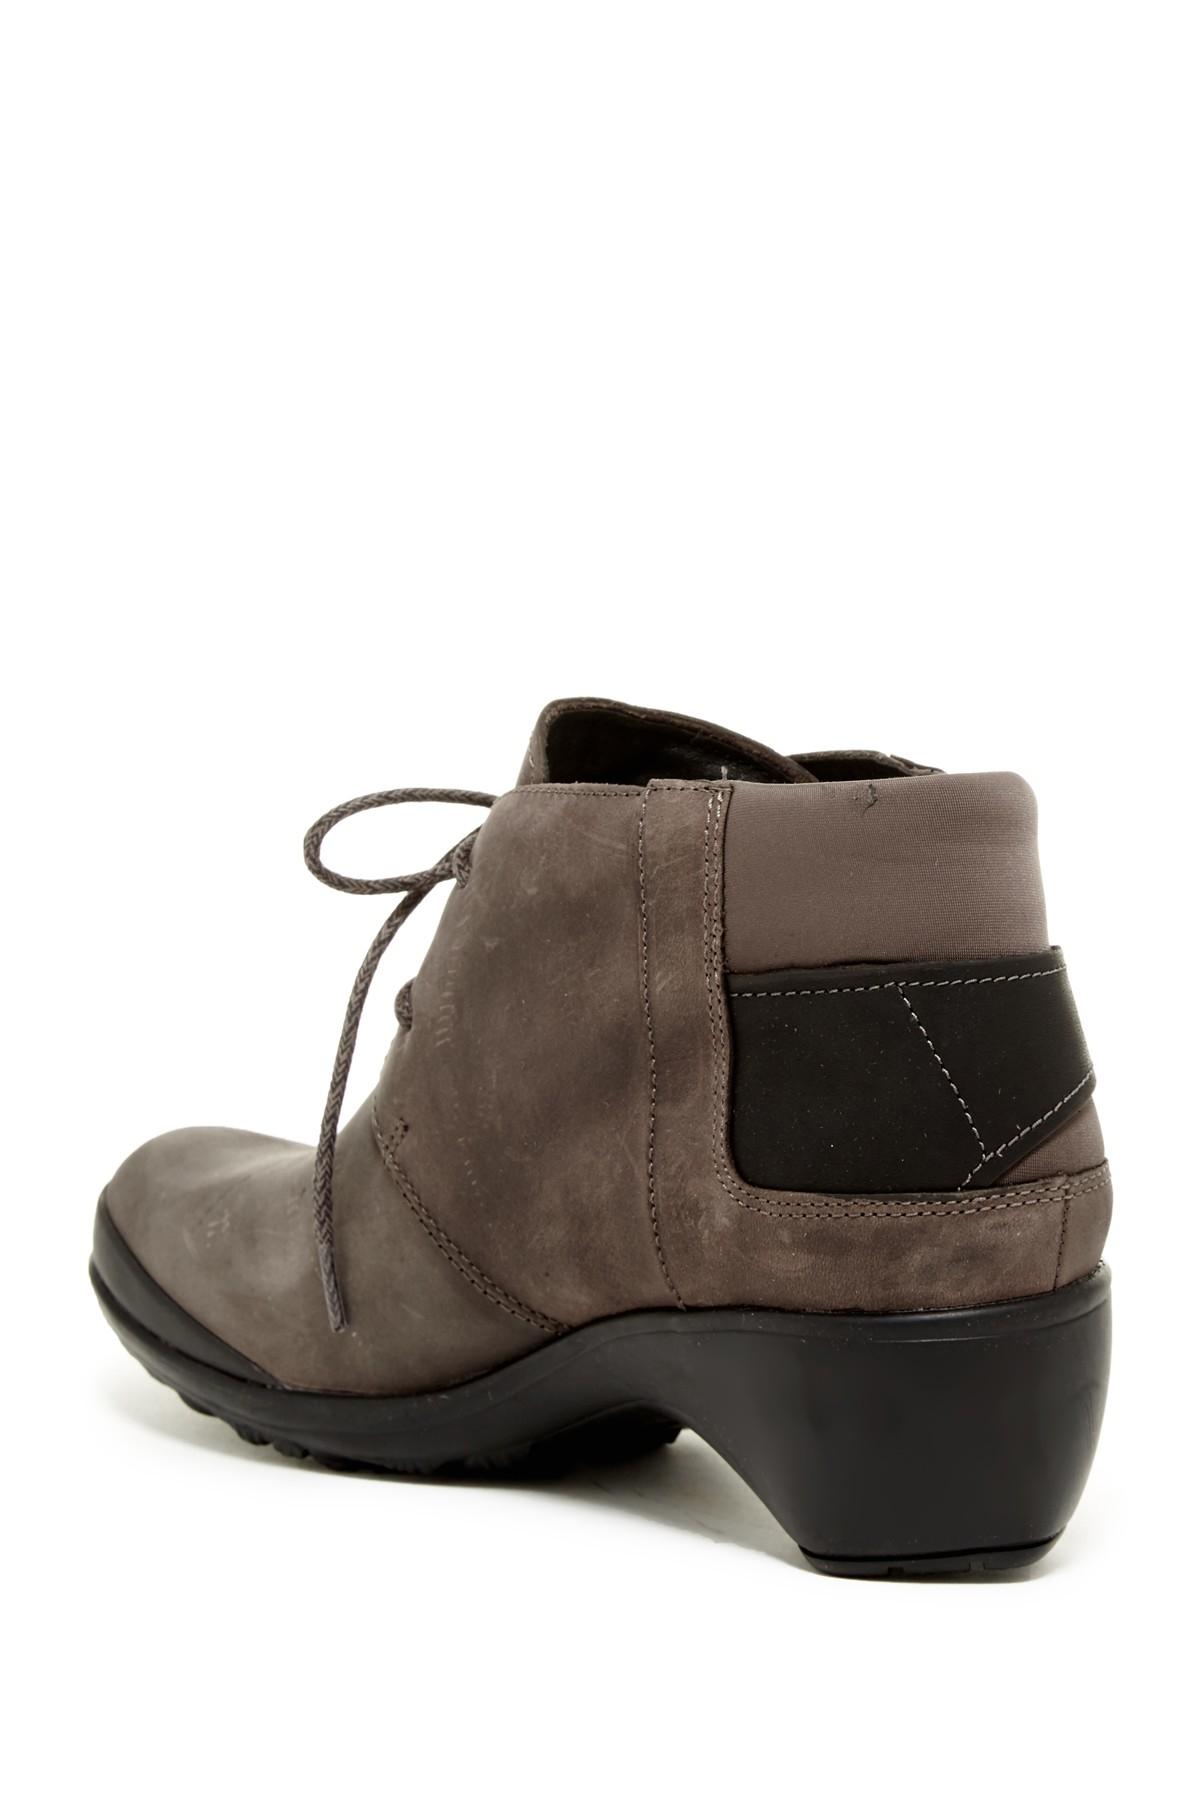 Merrell Veranda Lace Shoes